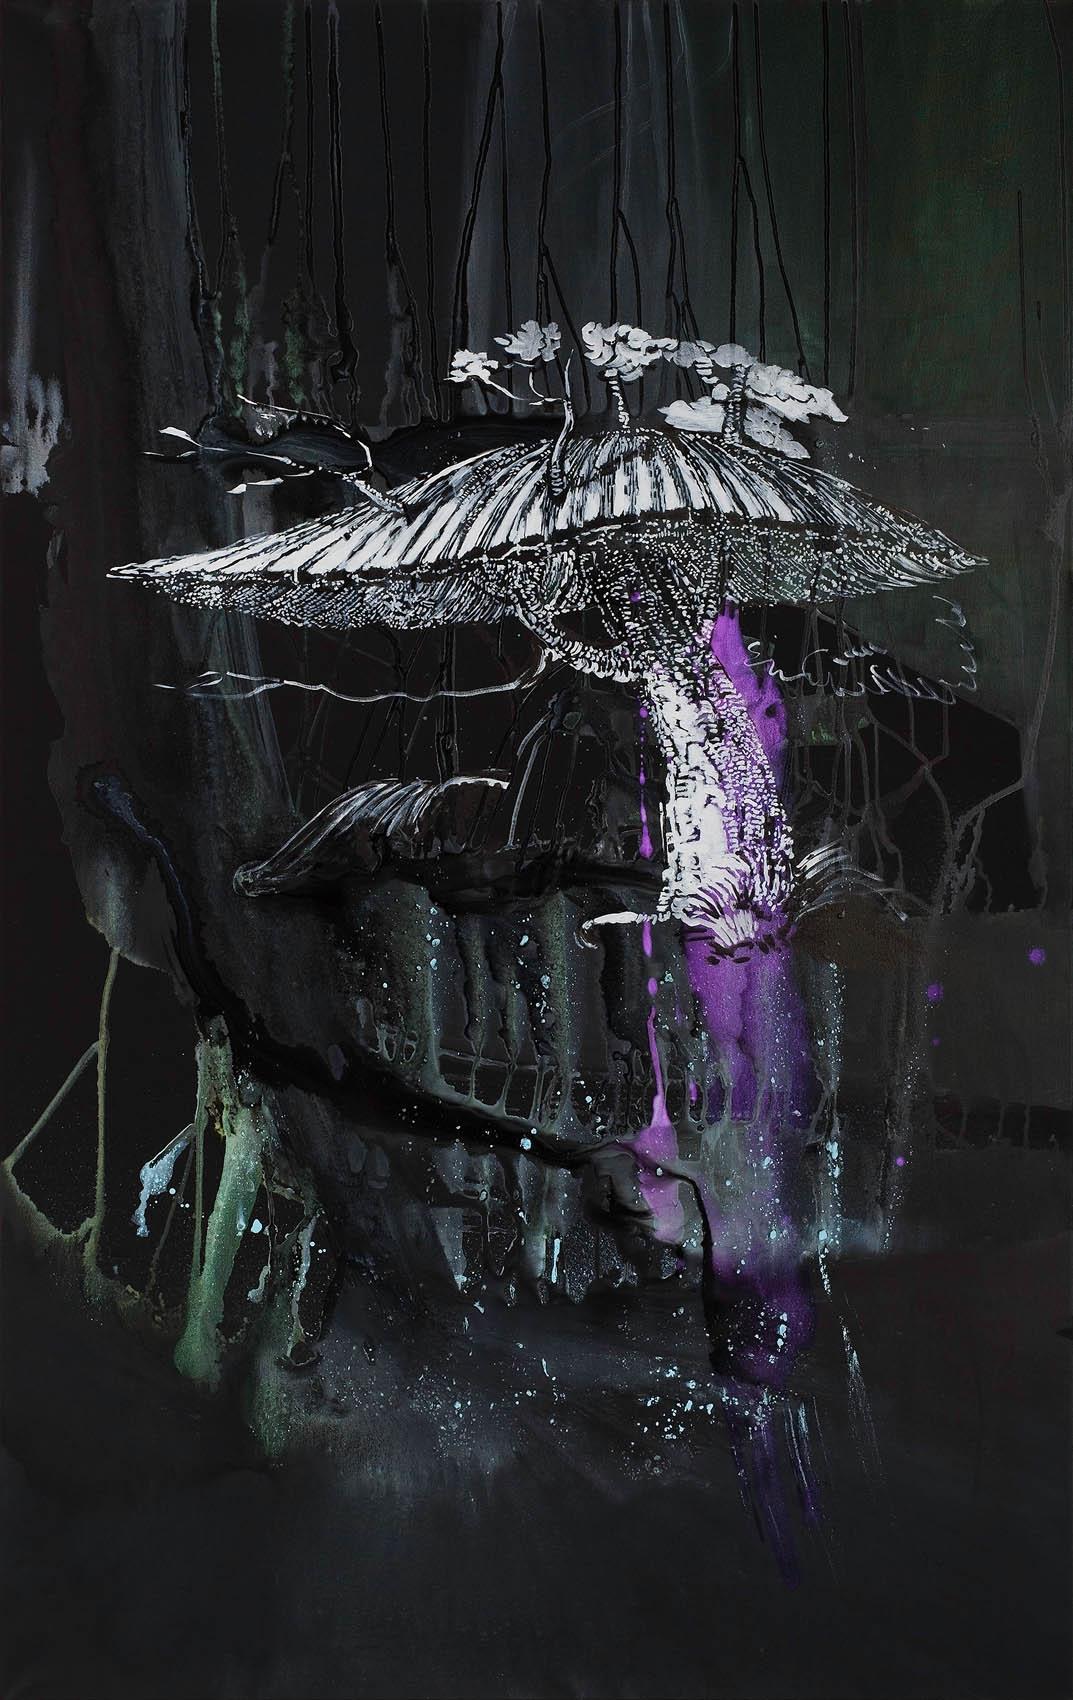 """o. T. aus """"ARCHE endemisch"""", 2020, 190 x 120 cm, Mischtechnik auf Leinwand"""